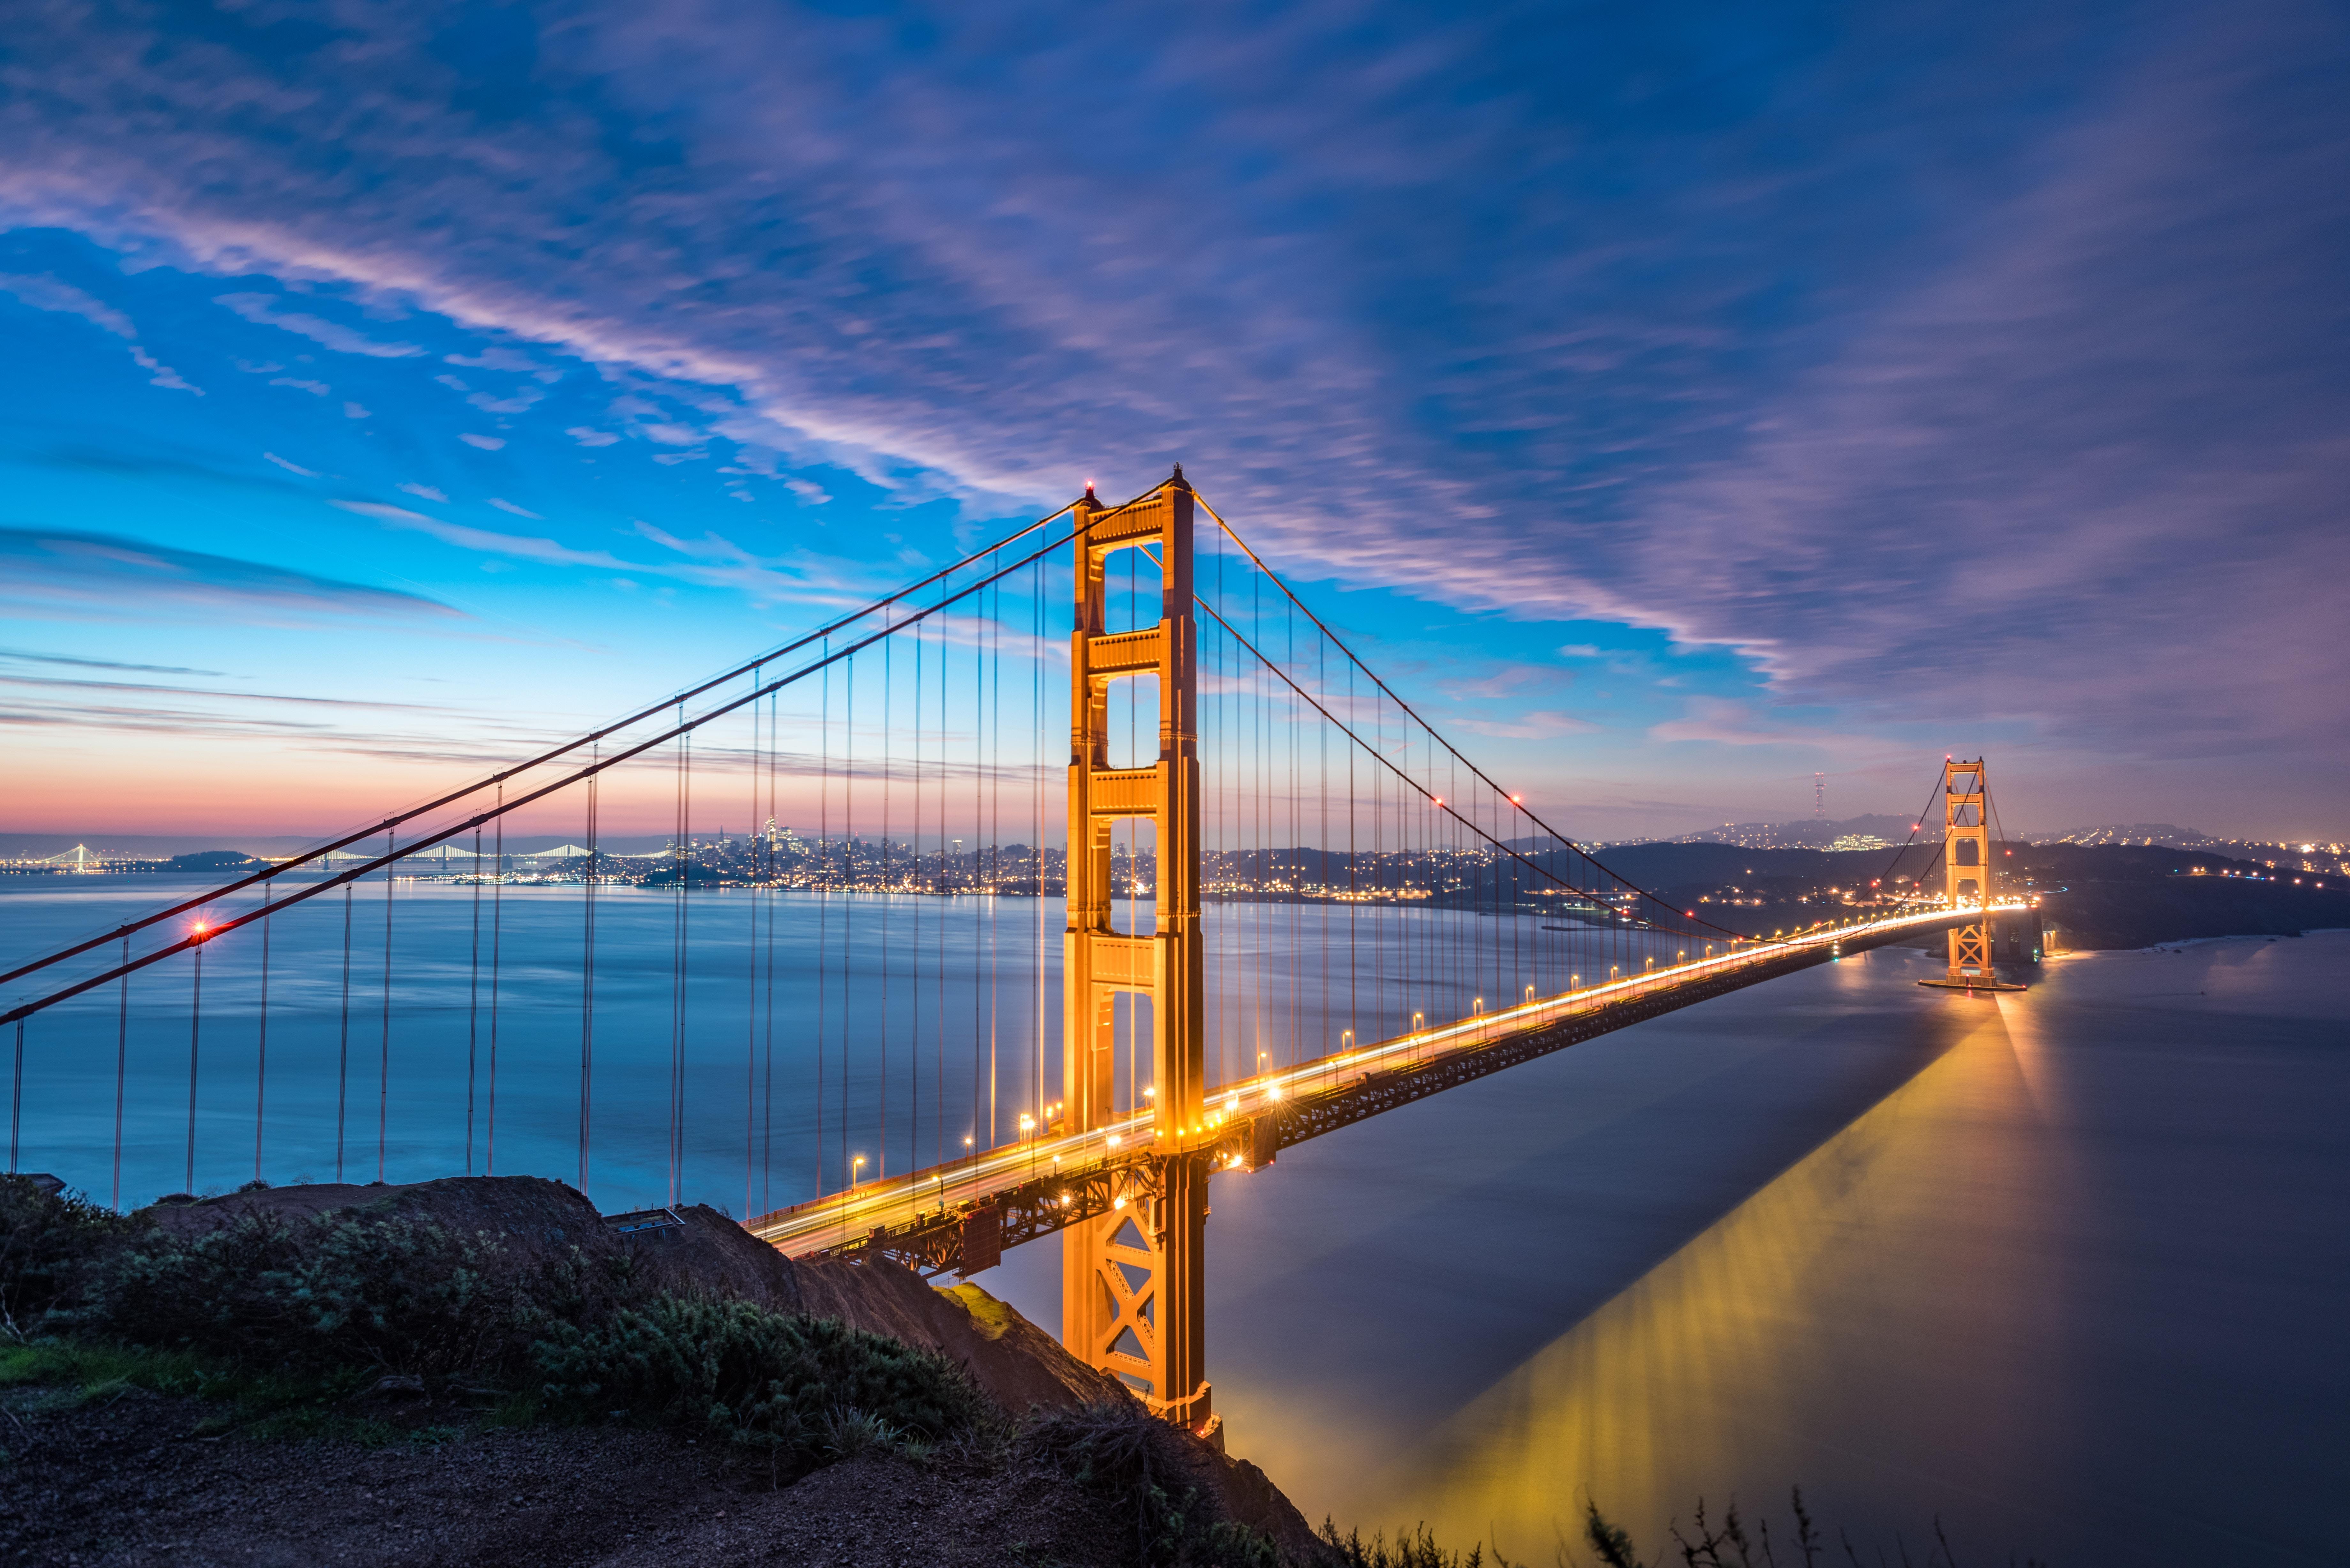 149203 Заставки и Обои Города на телефон. Скачать Мост, Рассвет, Пролив, Золотые Ворота, Сан-Франциско, Города картинки бесплатно